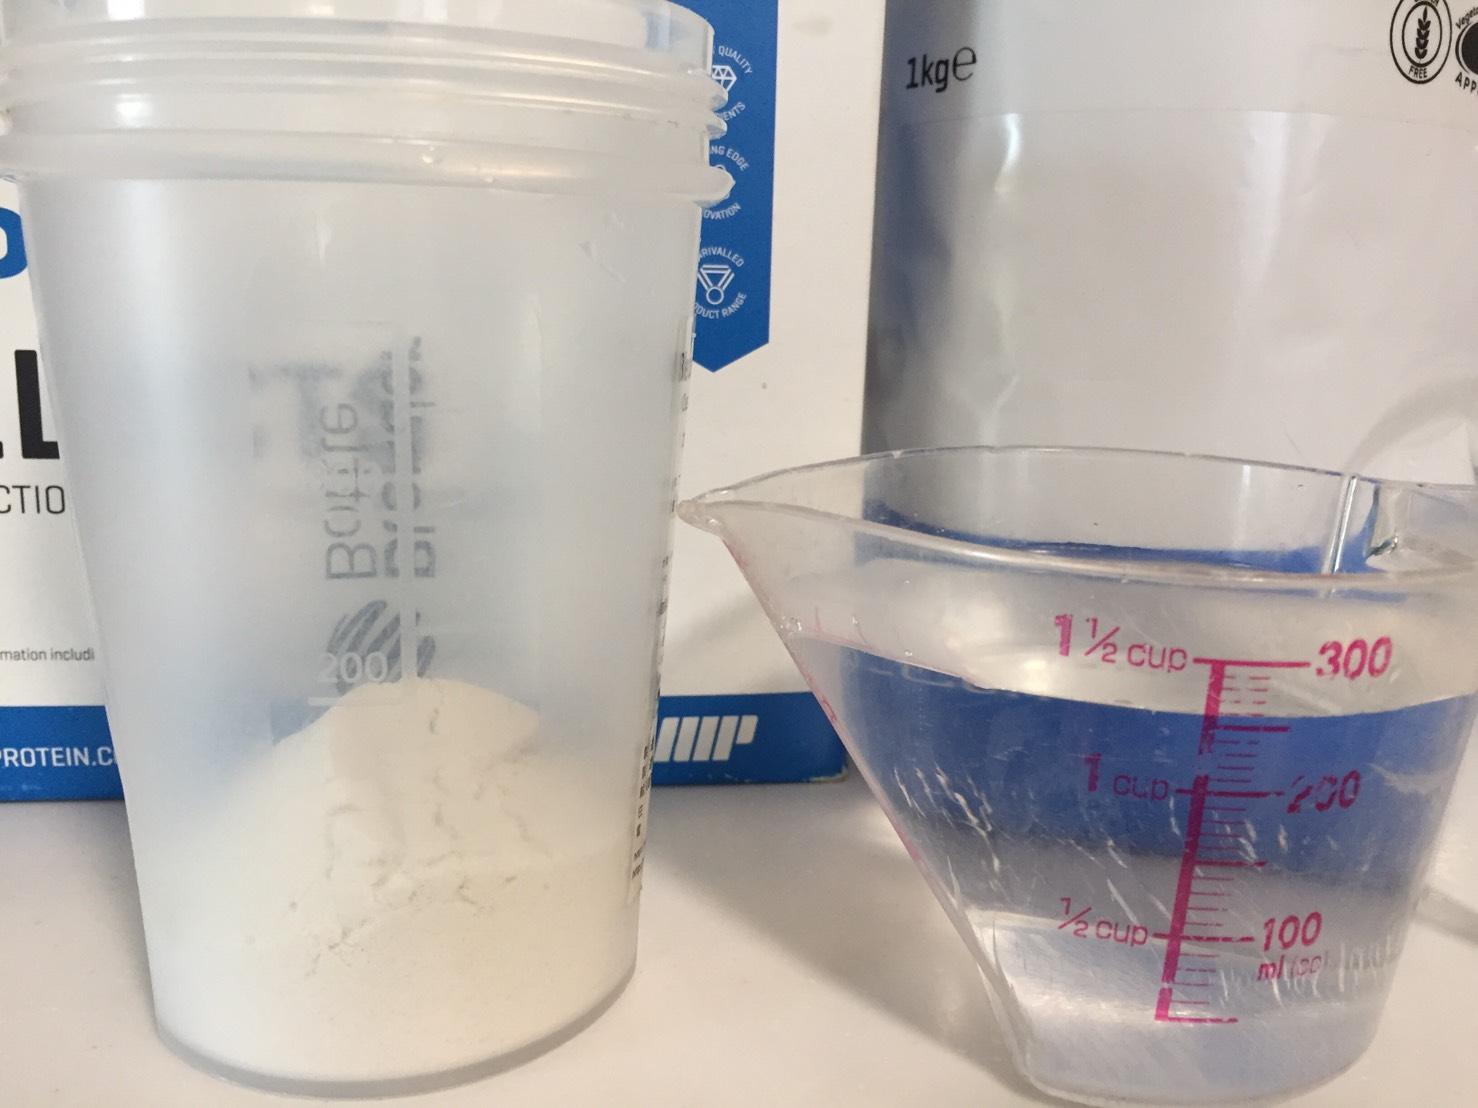 マイプロテインのImpactホエイアイソレート「ソルティッドキャラメル味」をレビュー。確かに「塩キャラメル」の味だが後味に苦みを感じた【WPI】